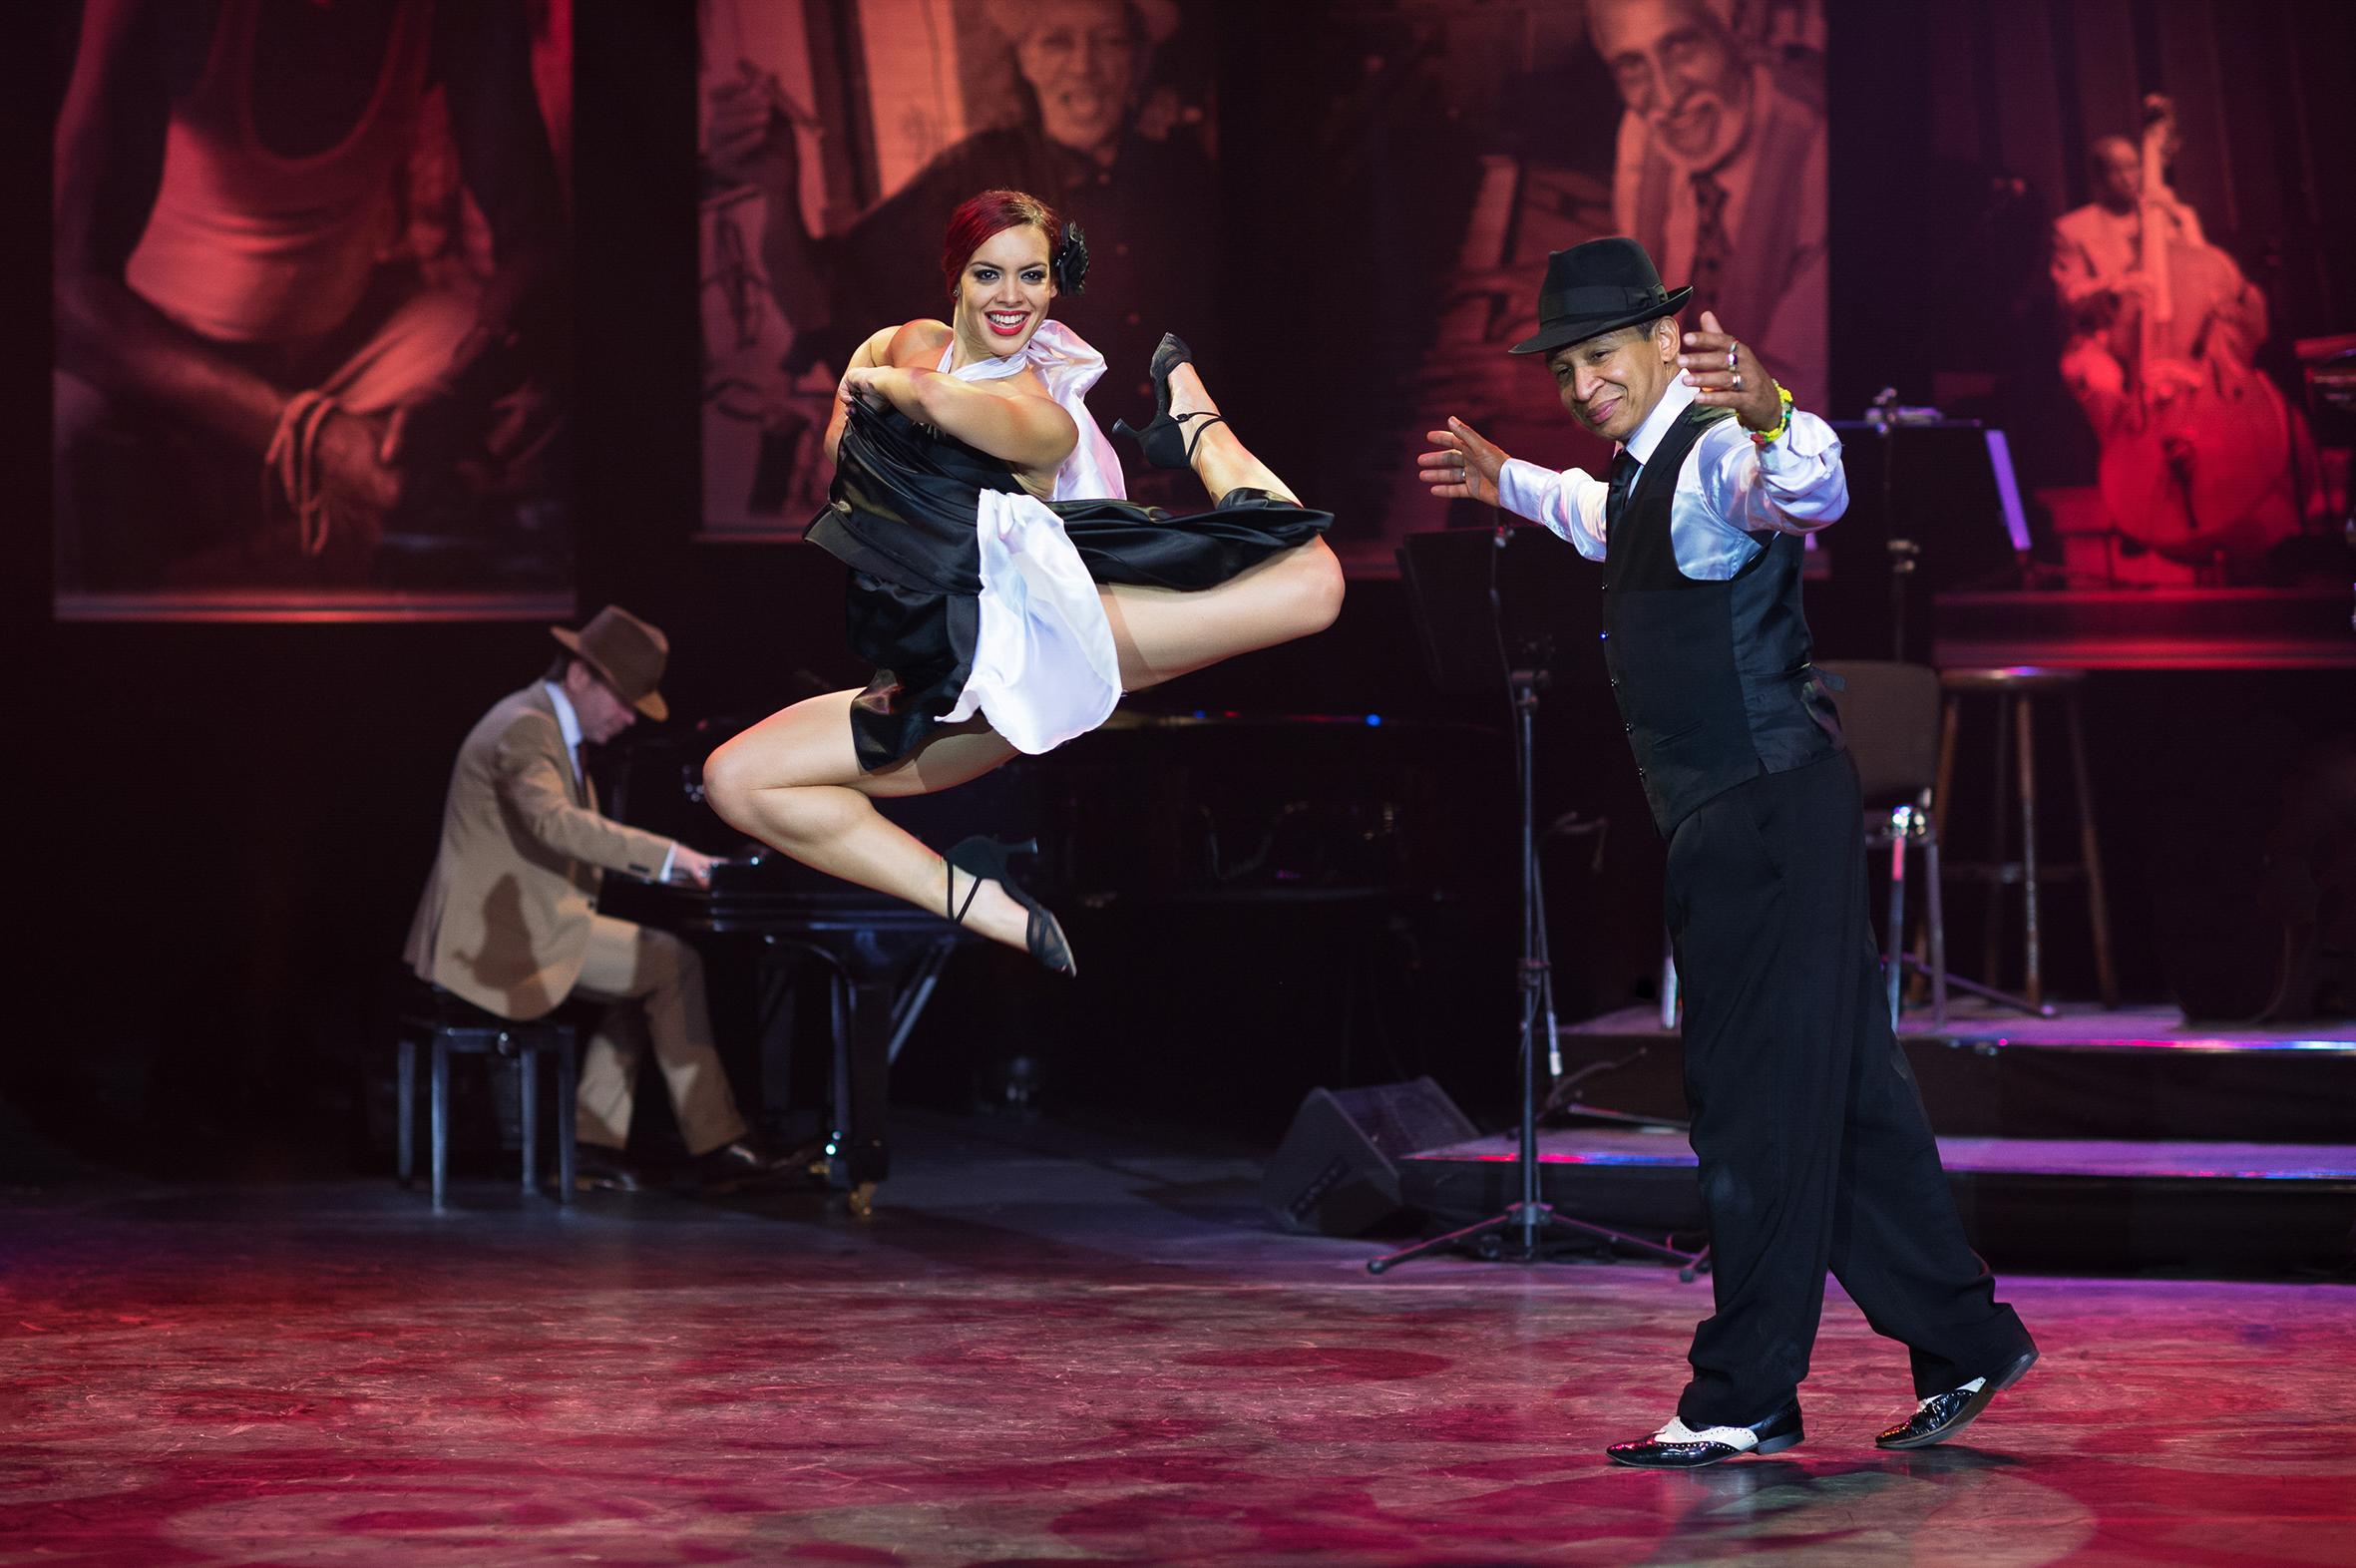 Zwei Tänzer auf der Bühne eine Frau springt spektakulär hoch und der Herr schaut amüsiert zu.